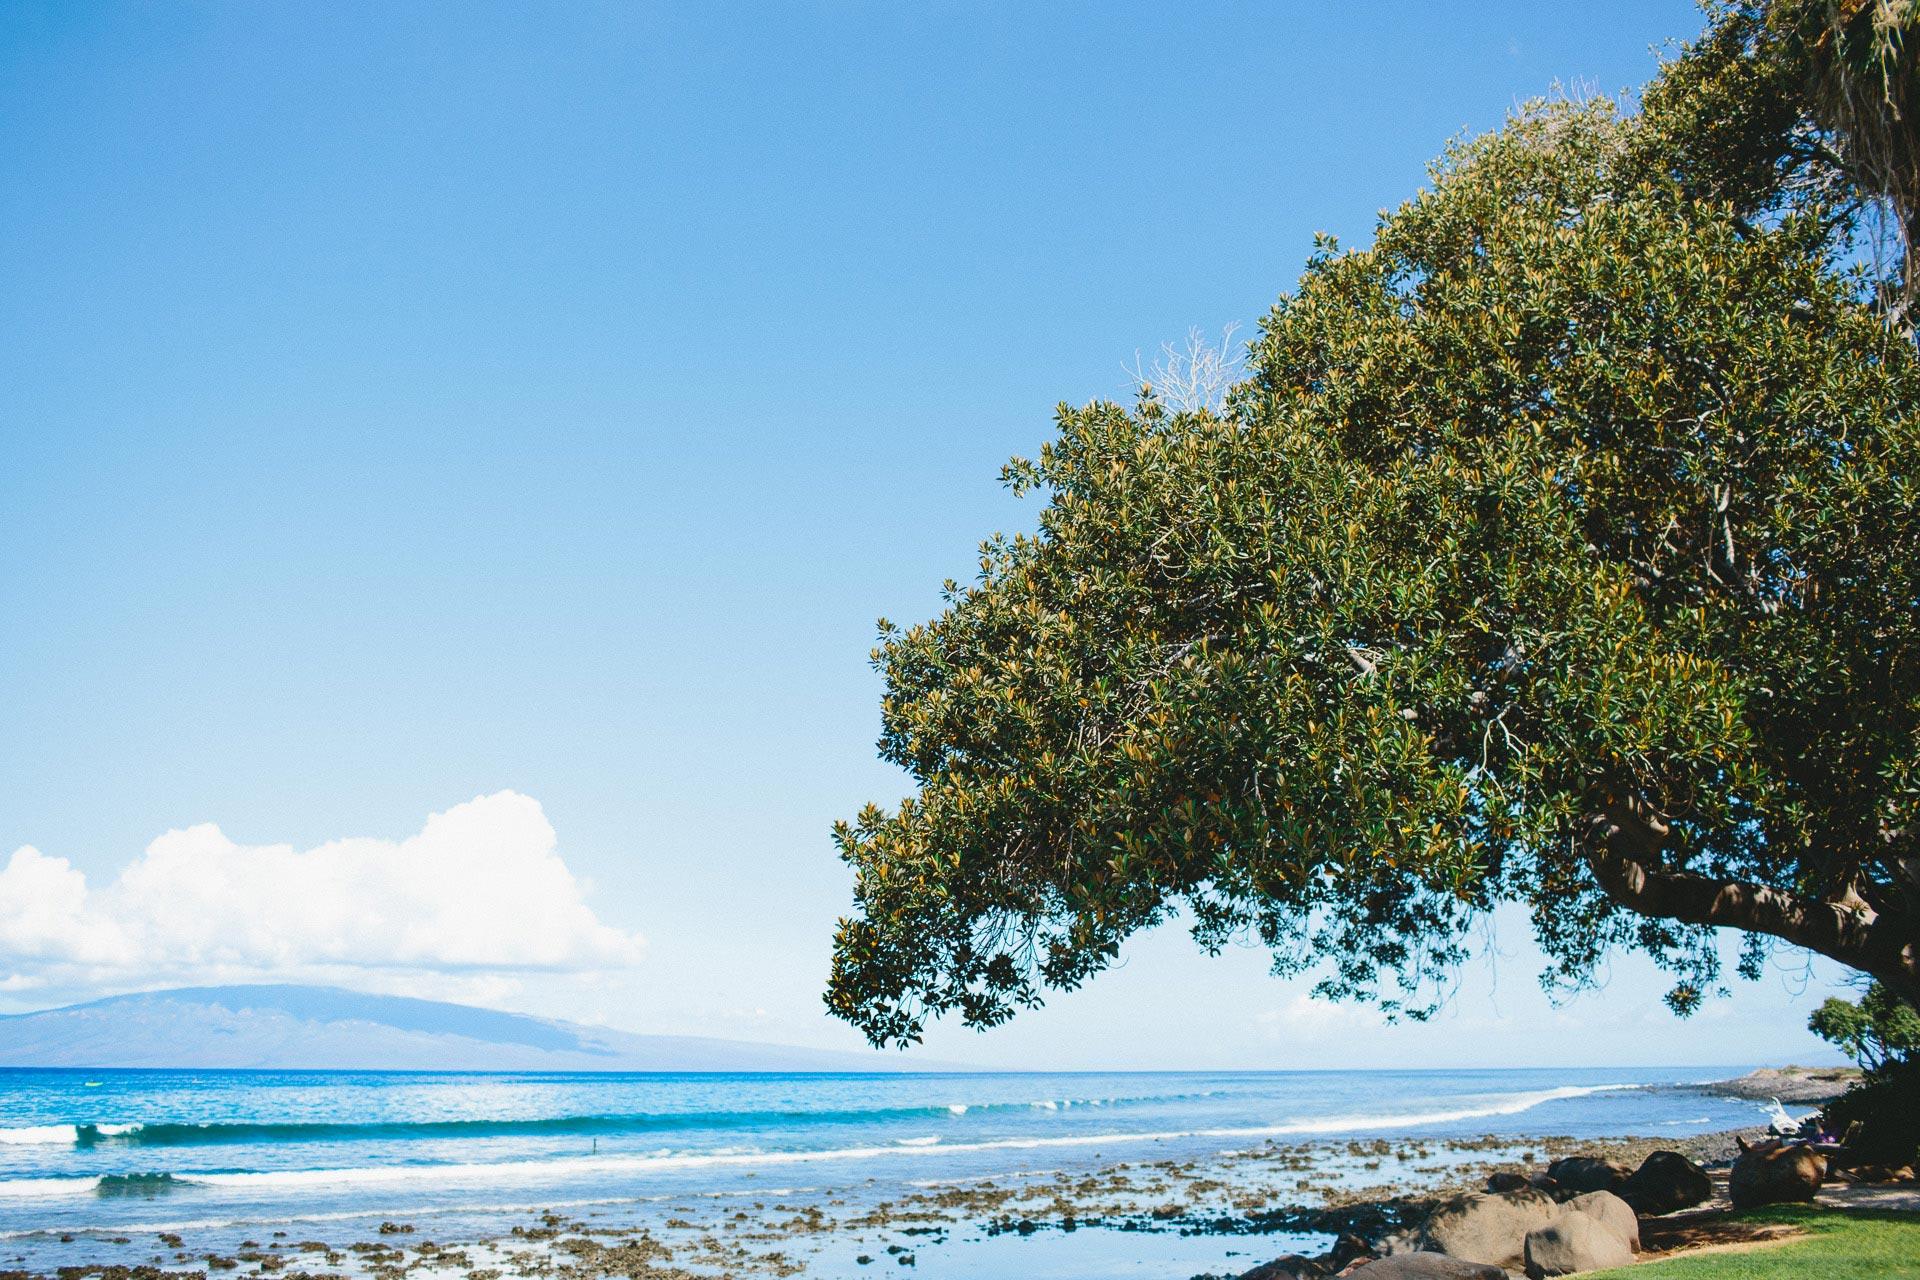 KW-Maui-Hawaii-Wedding-002@2x.jpg